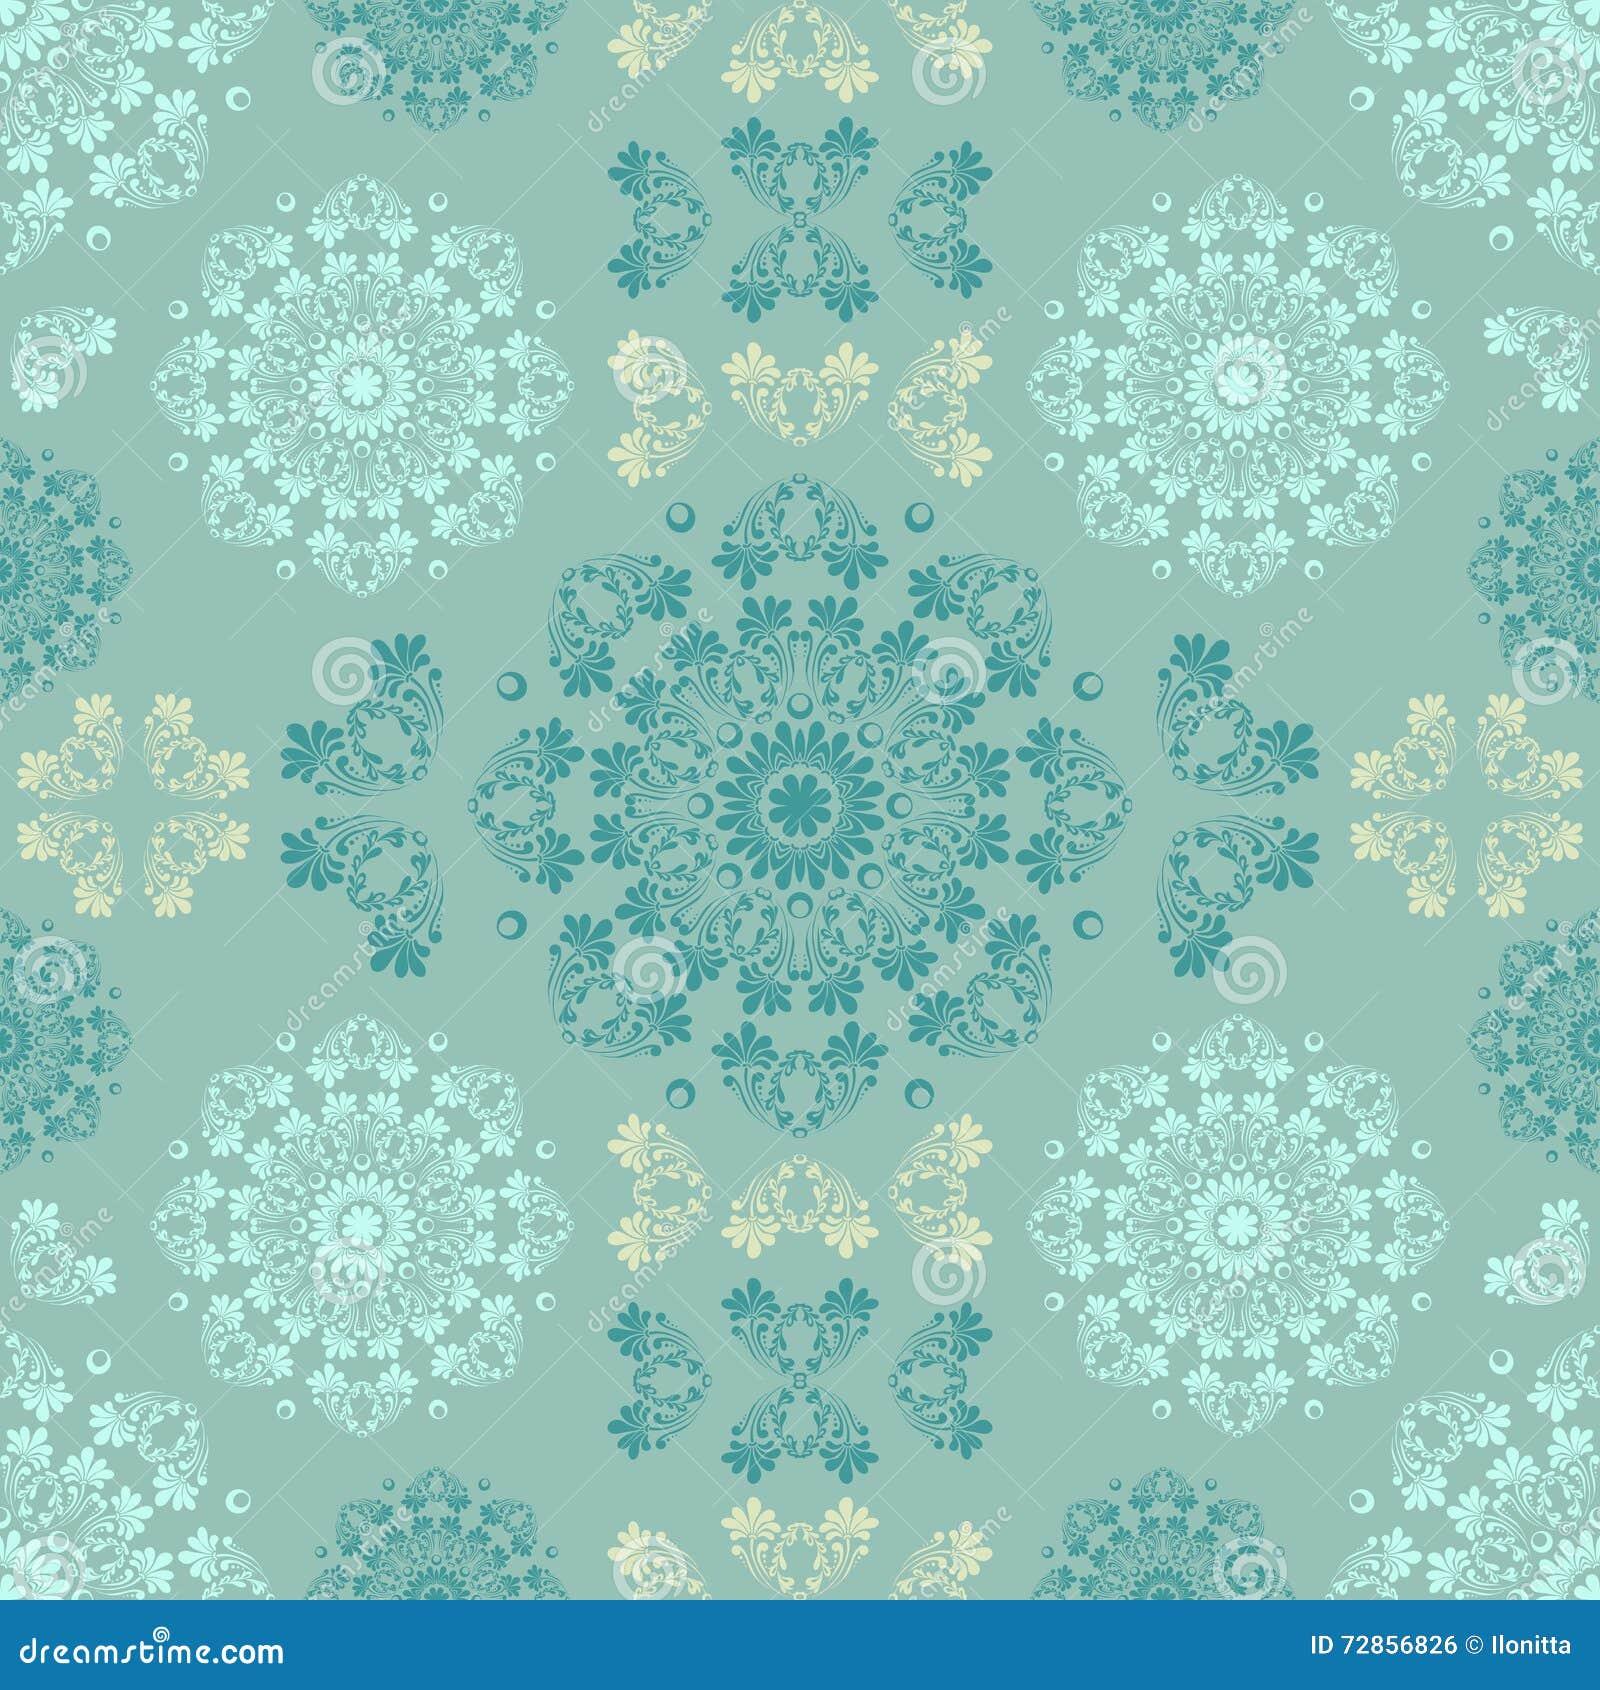 modelo inconstil azul para la pared diseo de la materia textil de la tela del papel